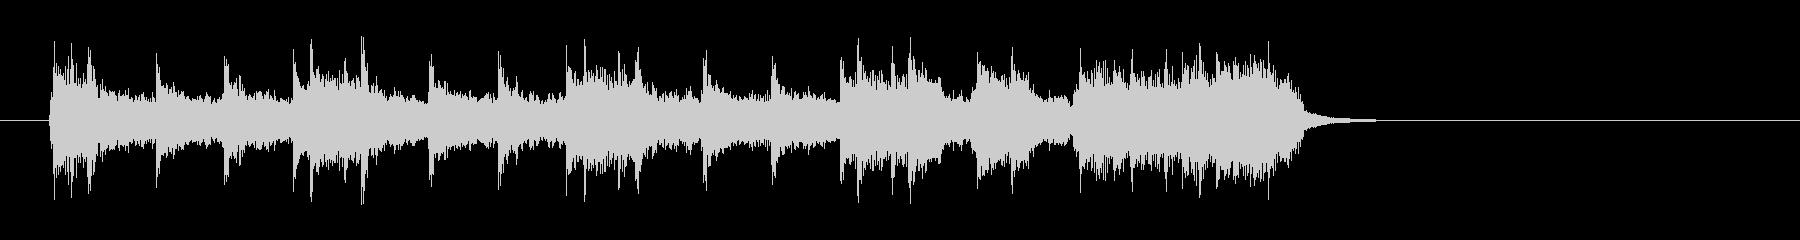 アメリカンロック/ポップ(イントロ)の未再生の波形